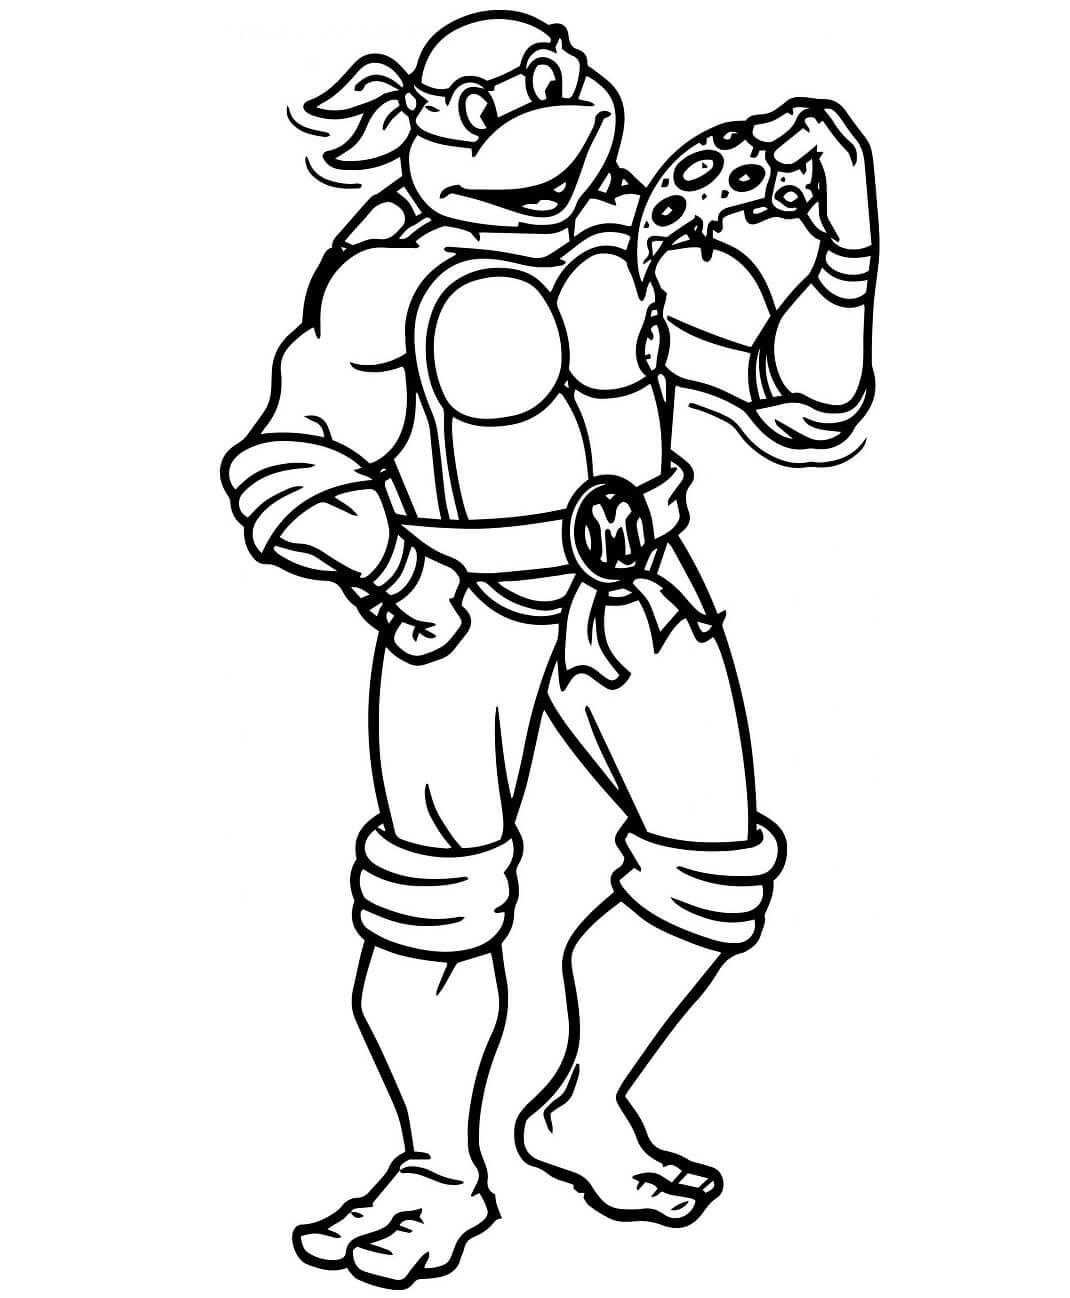 Desenhos de Michelangelo Comendo Pizza para colorir